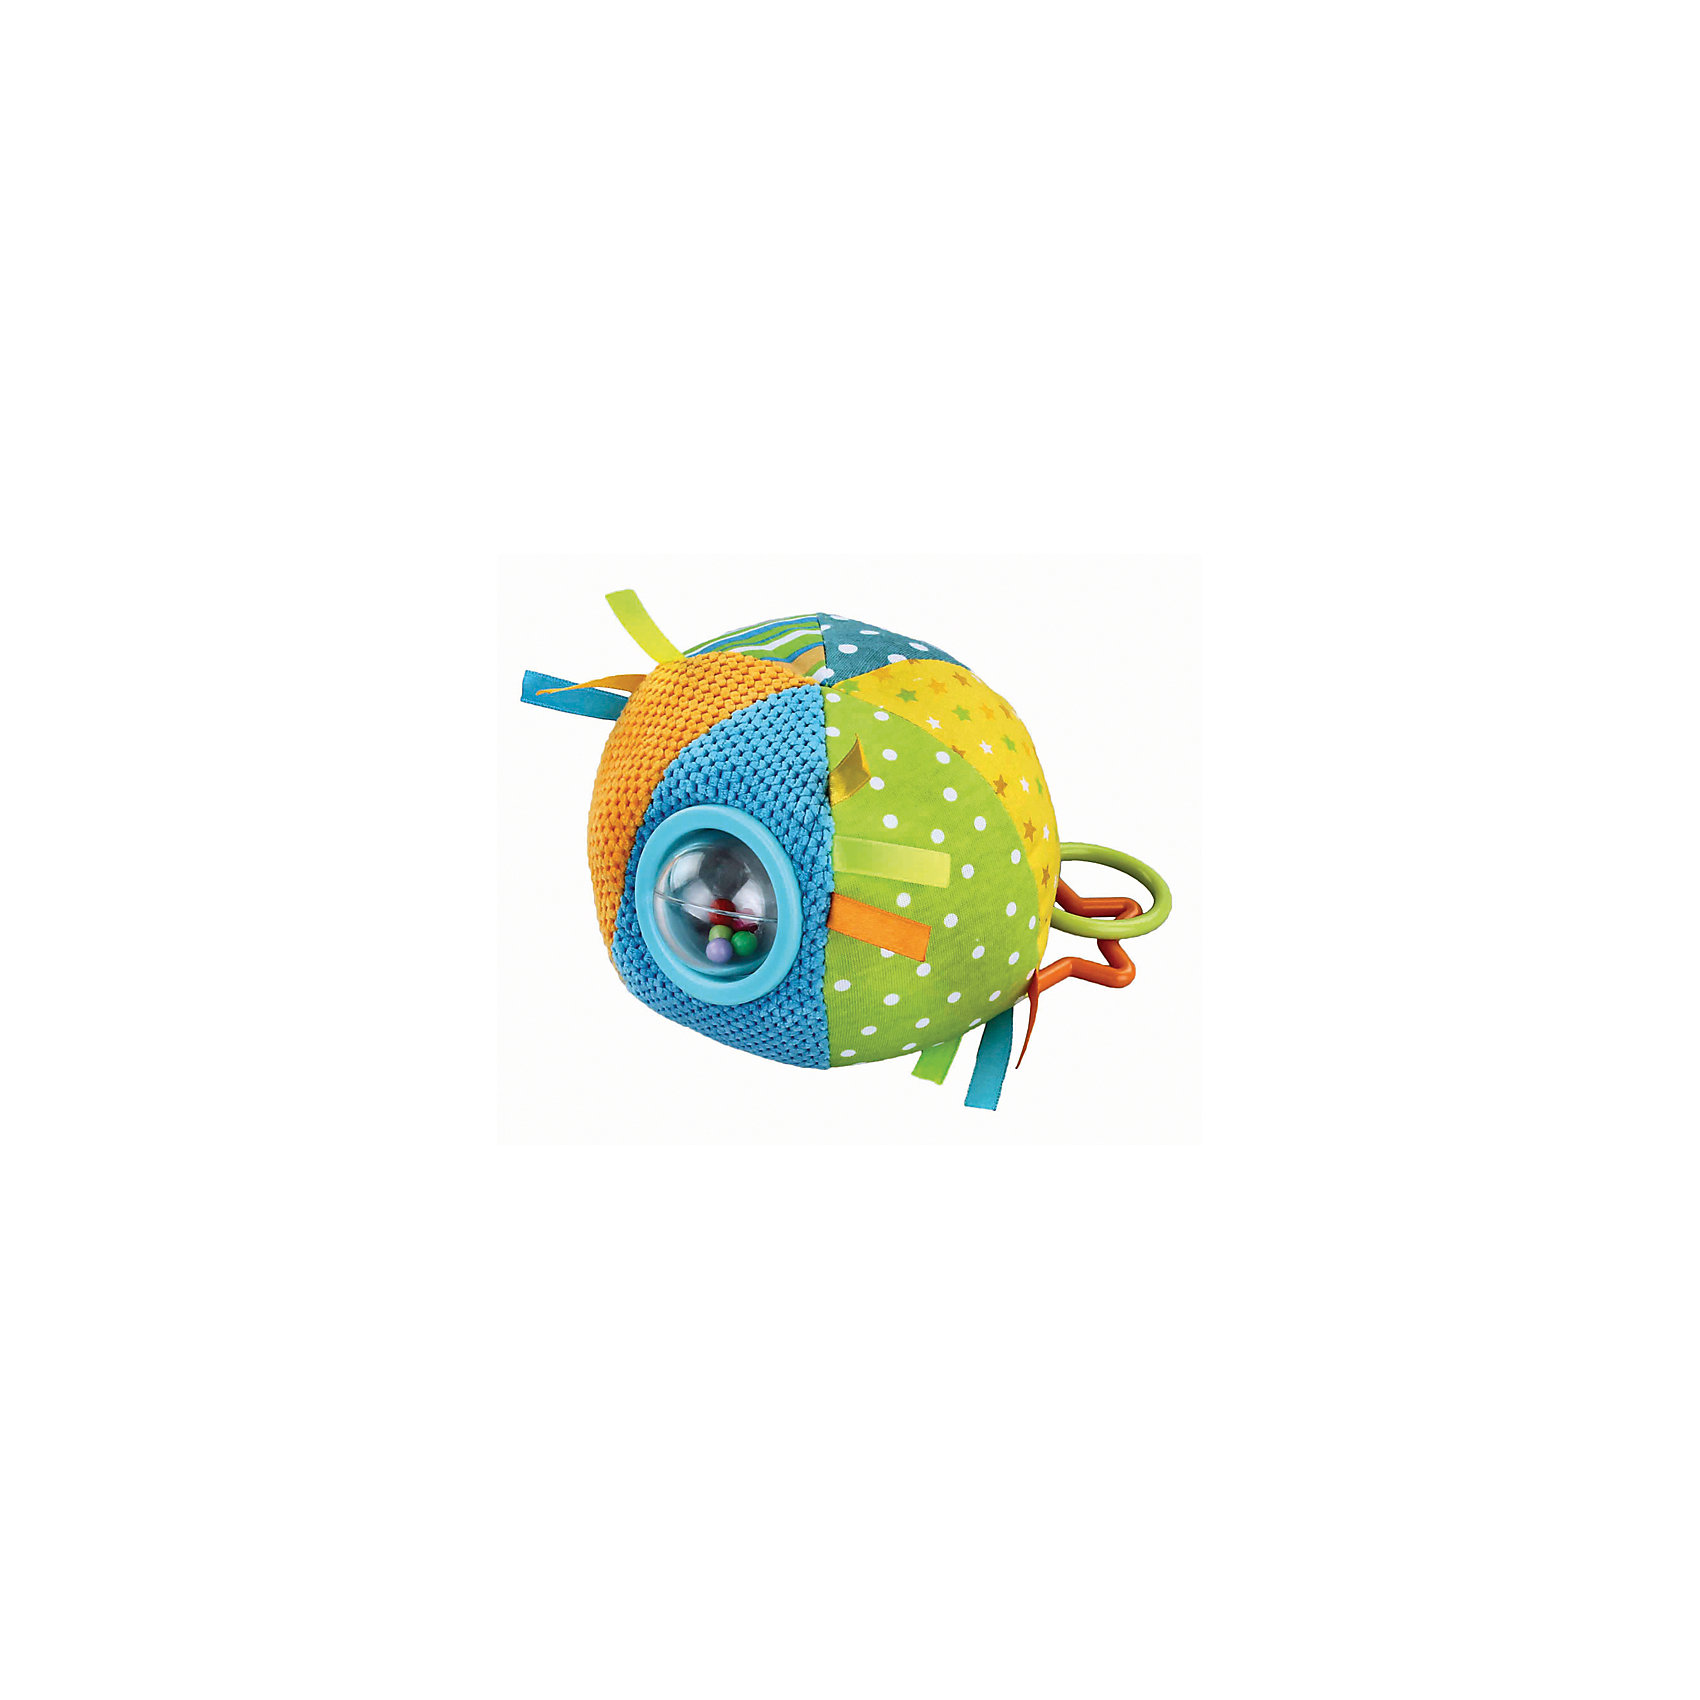 Развивающая игрушка Цветной мячик, в ассорименте, Жирафики<br><br>Ширина мм: 500<br>Глубина мм: 330<br>Высота мм: 300<br>Вес г: 216<br>Возраст от месяцев: 3<br>Возраст до месяцев: 36<br>Пол: Унисекс<br>Возраст: Детский<br>SKU: 5032570